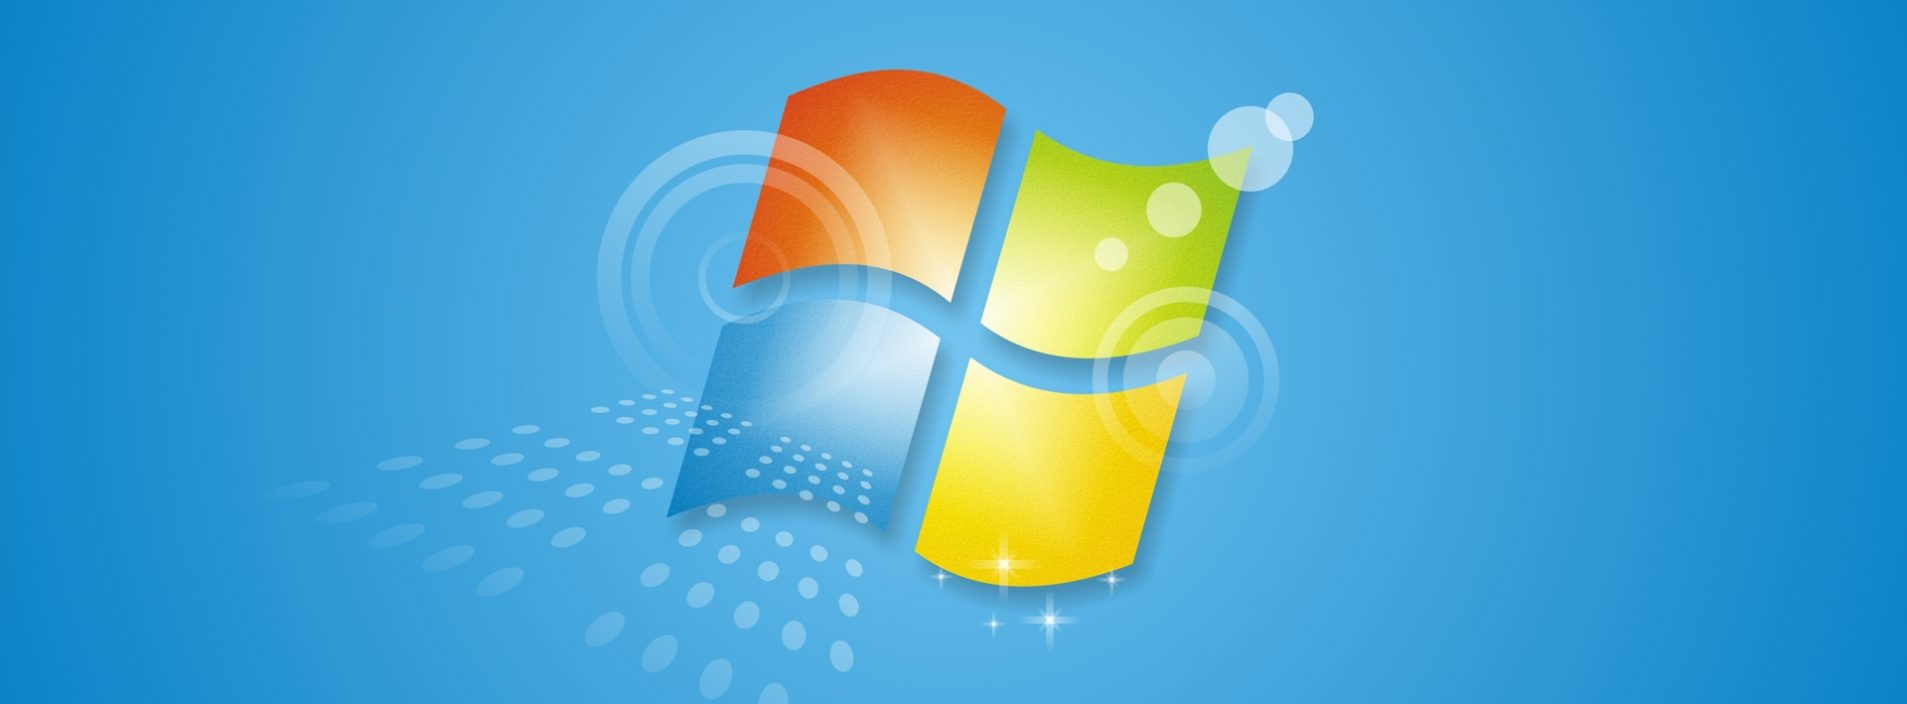 Microsoft lembra a todos que o fim do suporte ao Windows 7 está perto